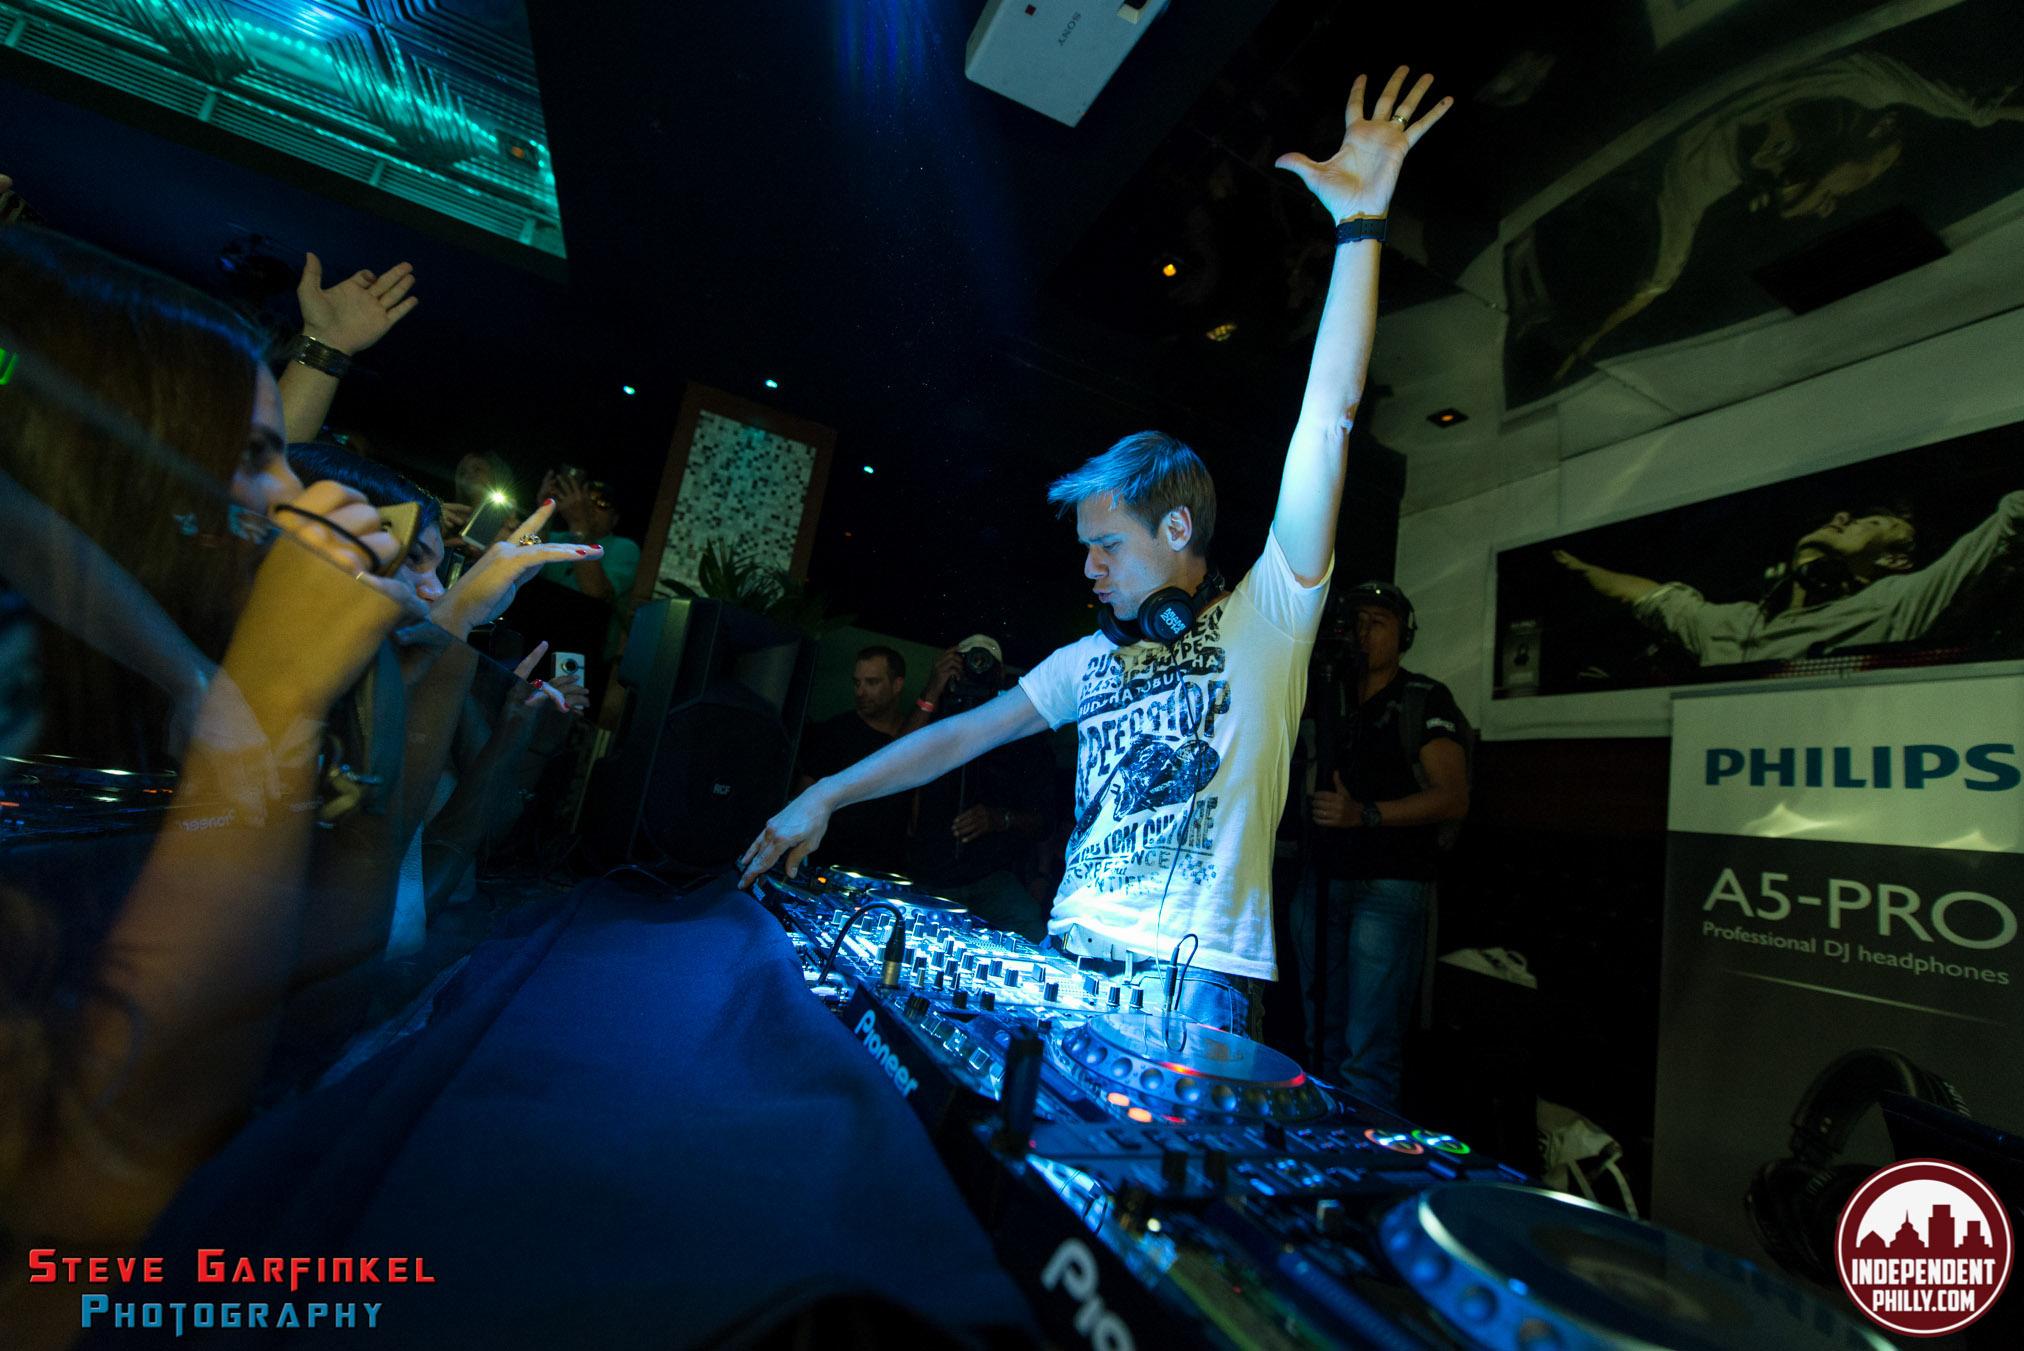 Armin-54